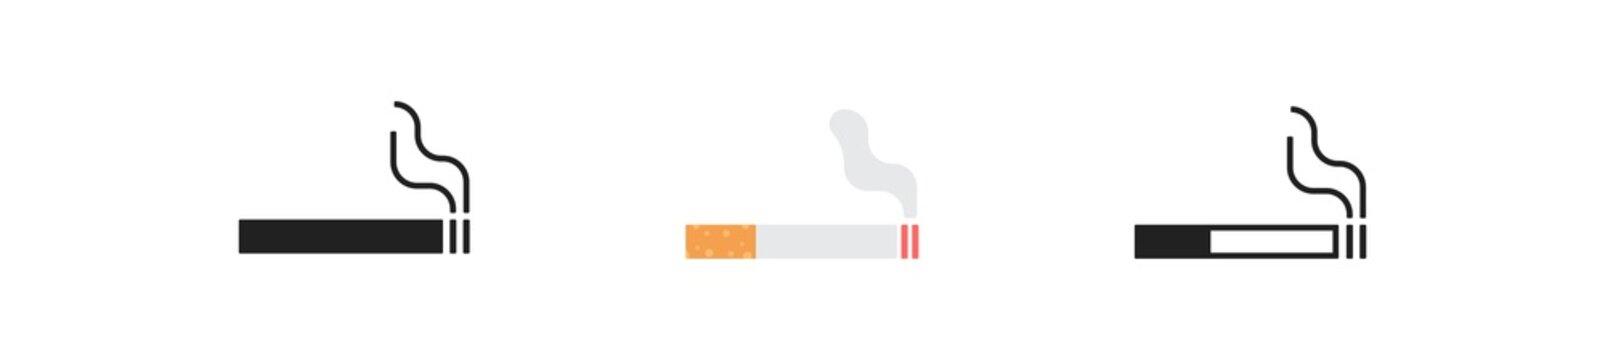 Cigarette, simple icon set. Tabbacco smoke concept illustration in vector flat